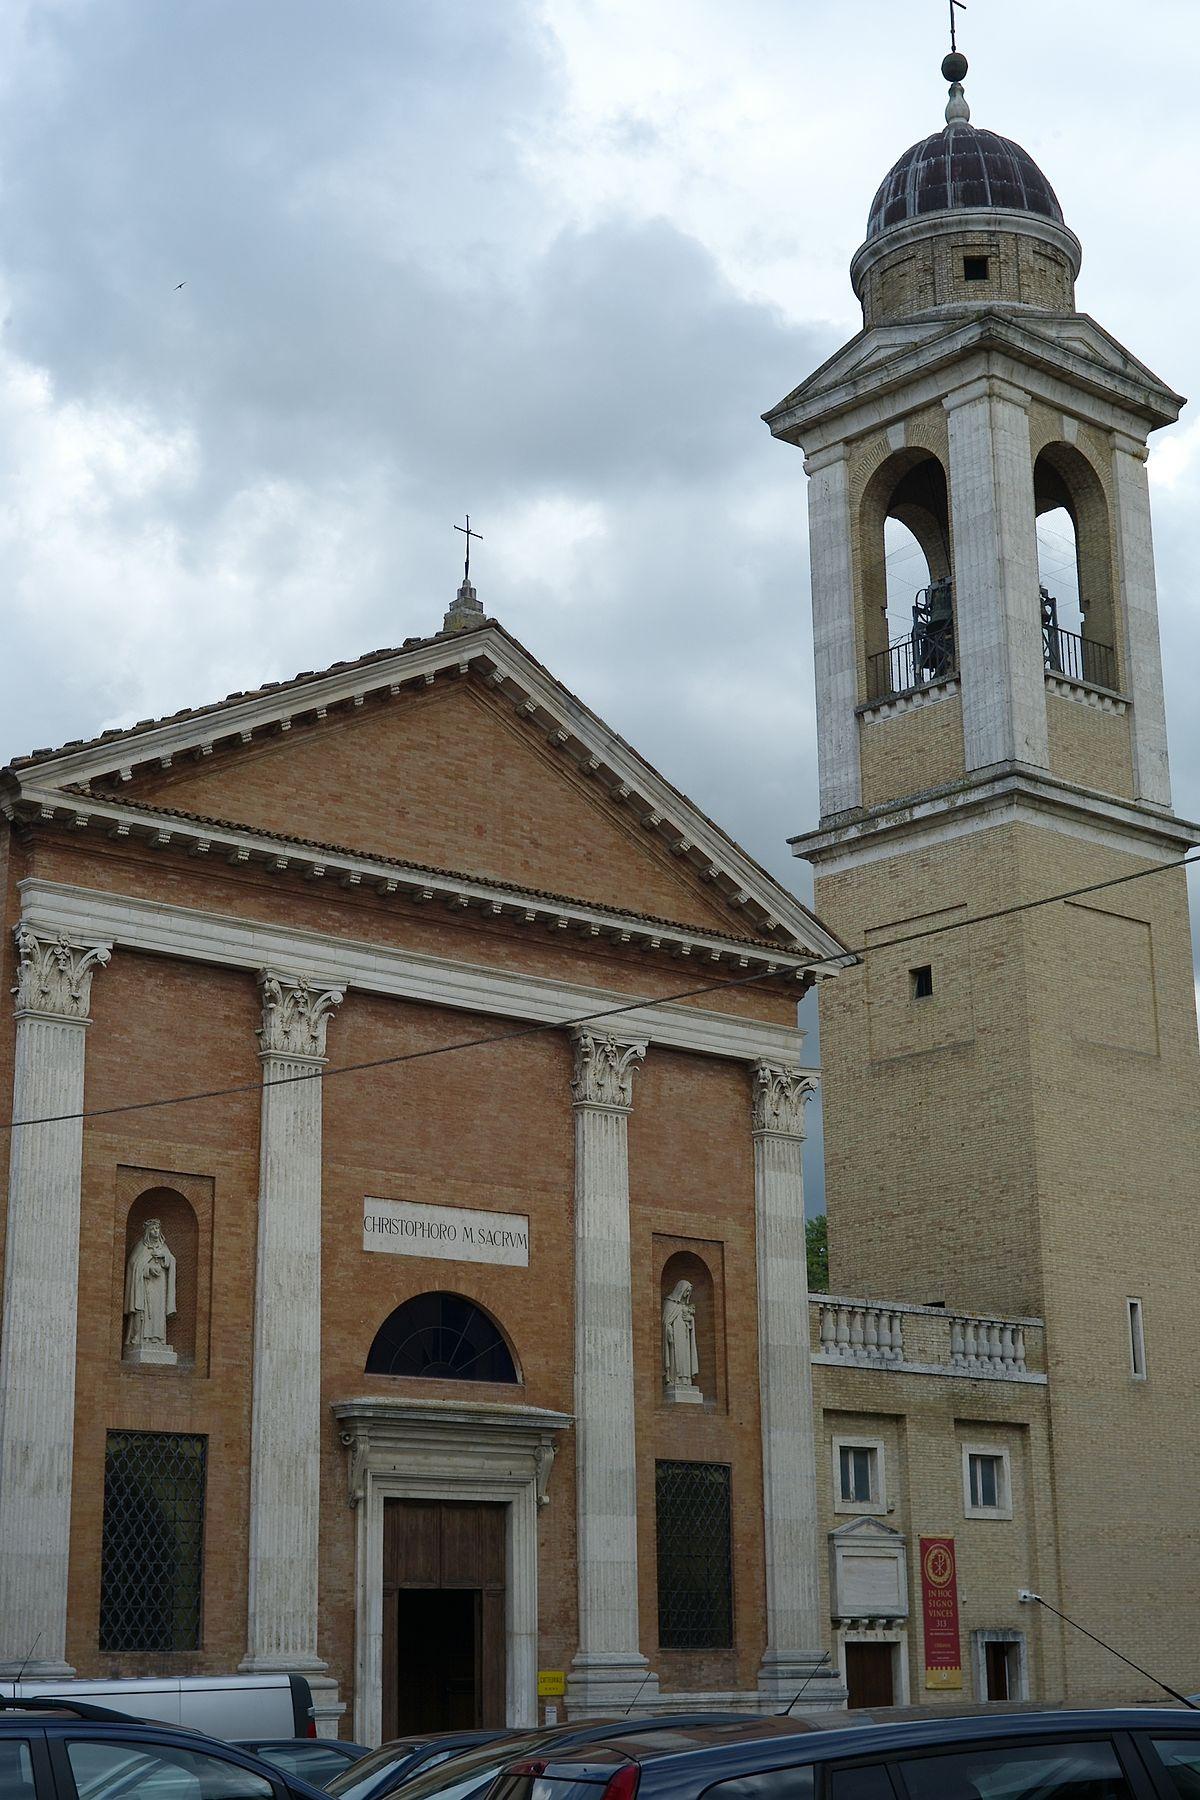 Duomo di urbania wikipedia for Marini arredamenti sant angelo in vado